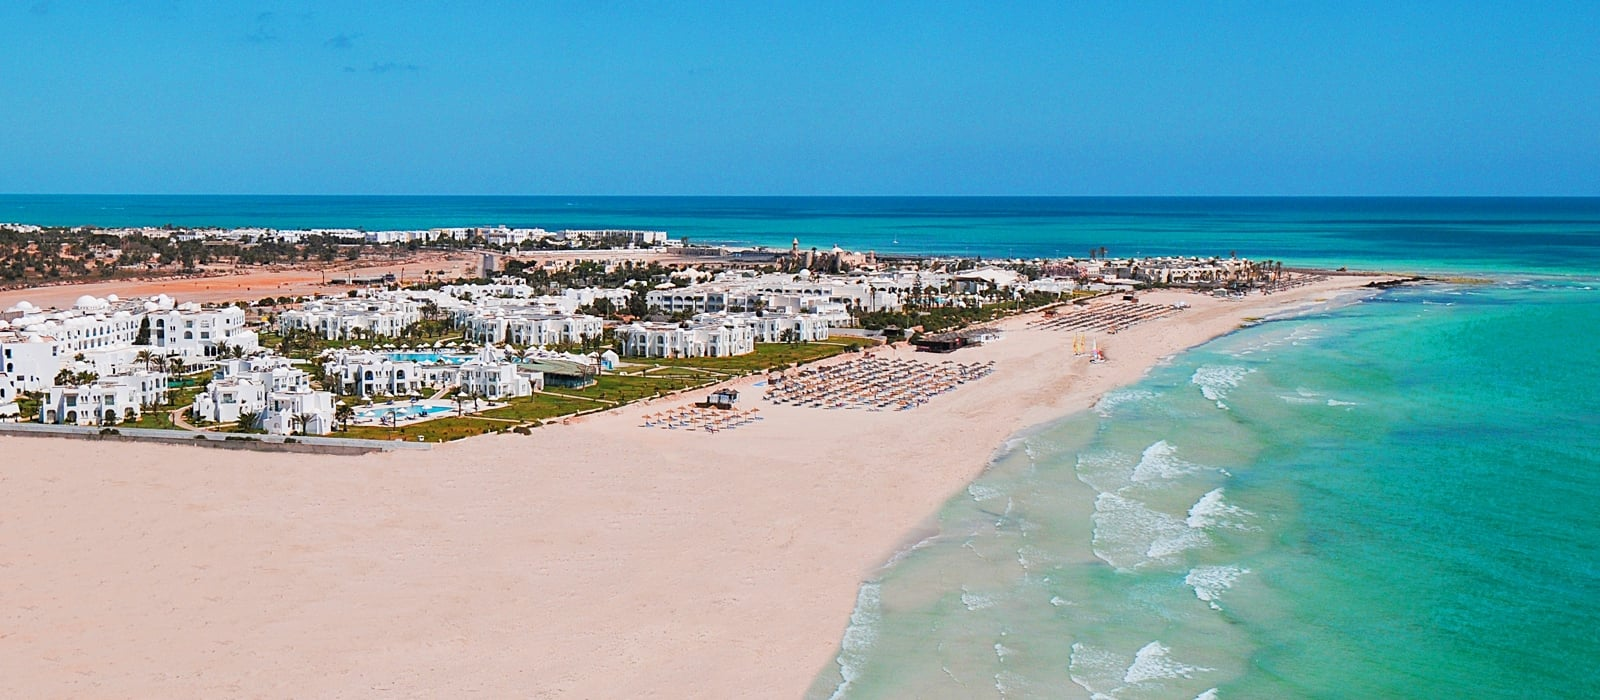 Vincci Hotels. Les meilleurs hôtels à Hammamet, Tunisie.